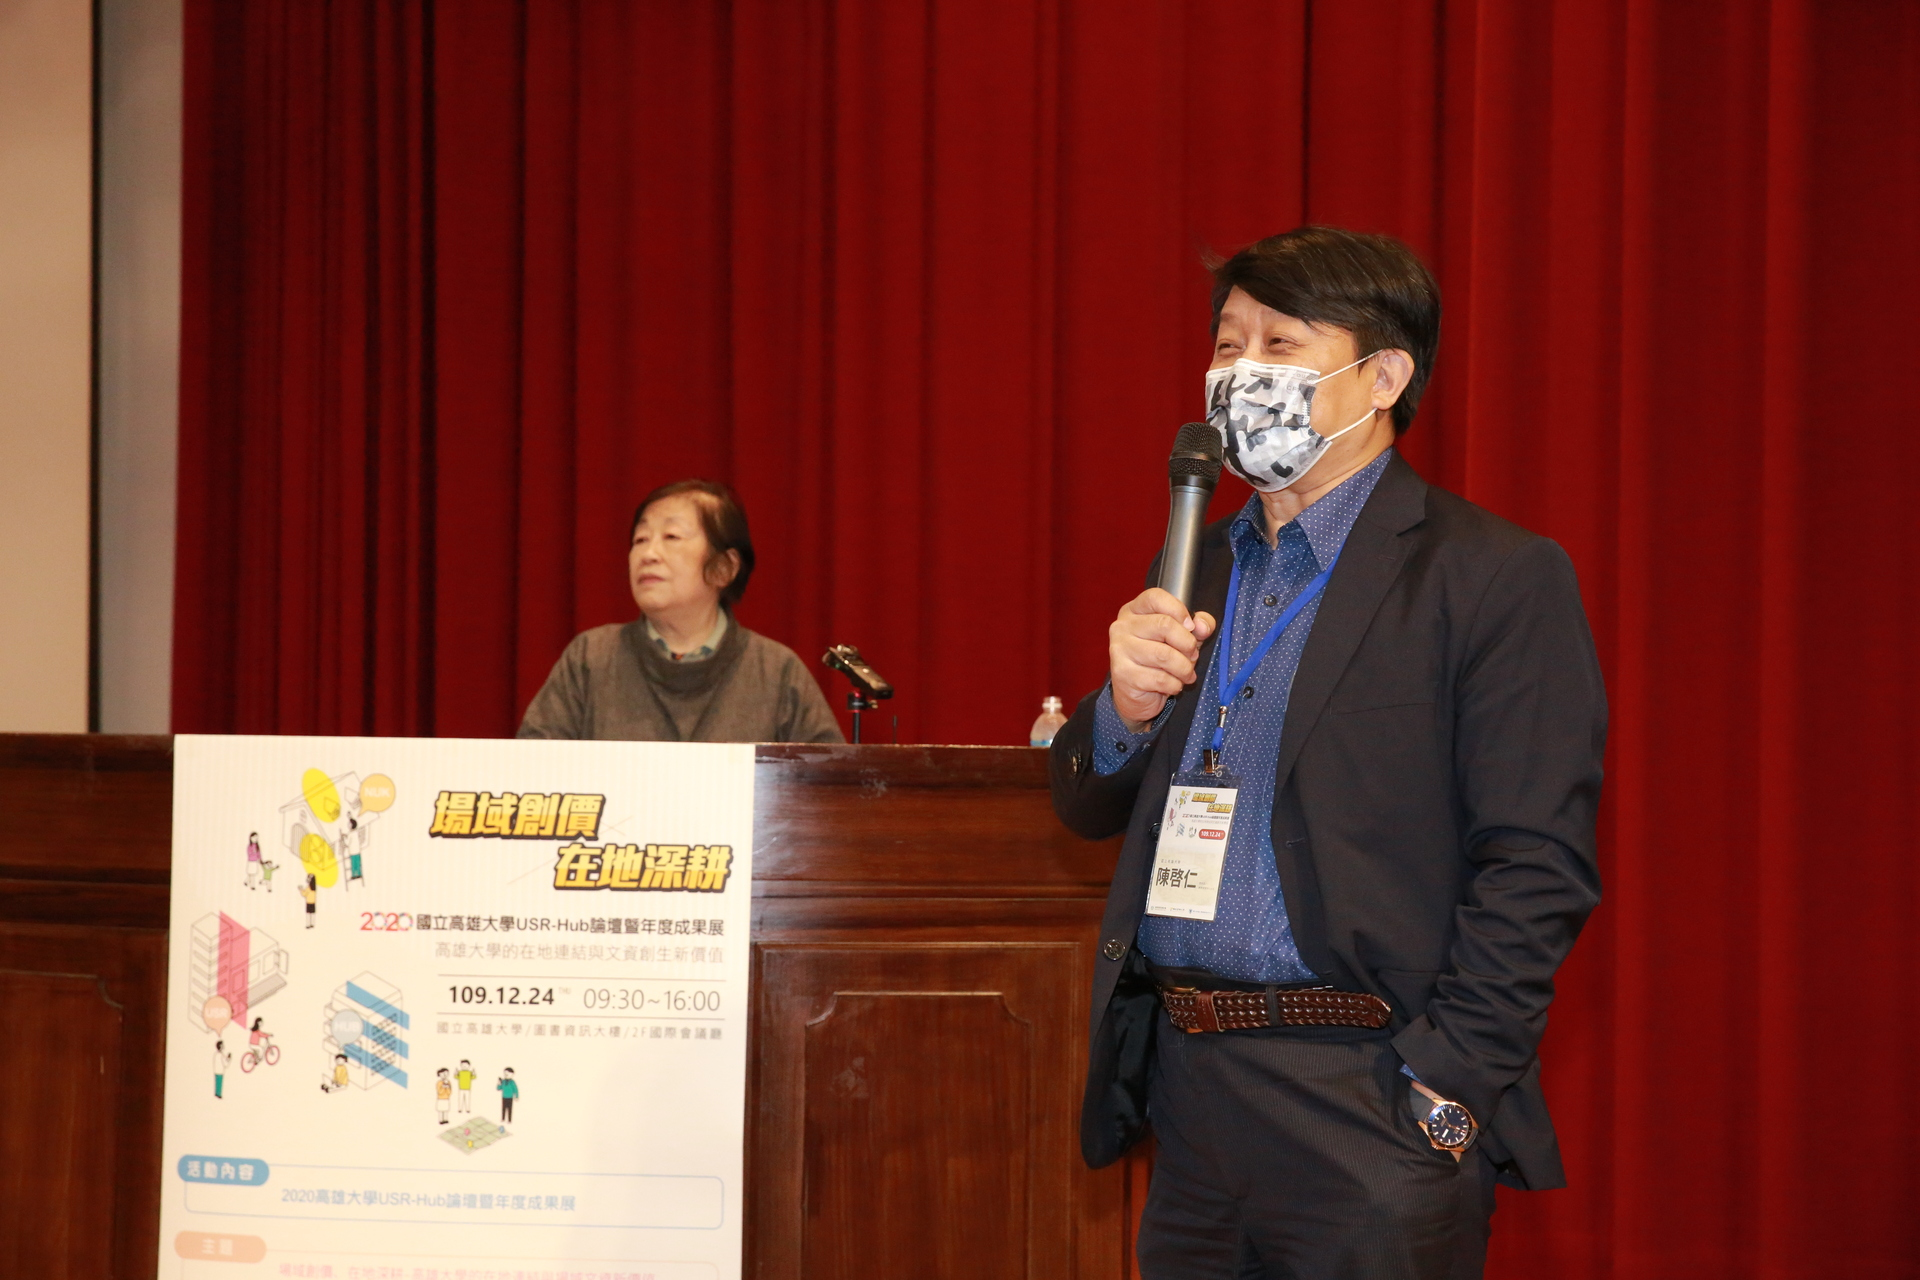 高雄大學USR-Hub論壇暨年度成果展 場域創價、在地深耕-社會責任